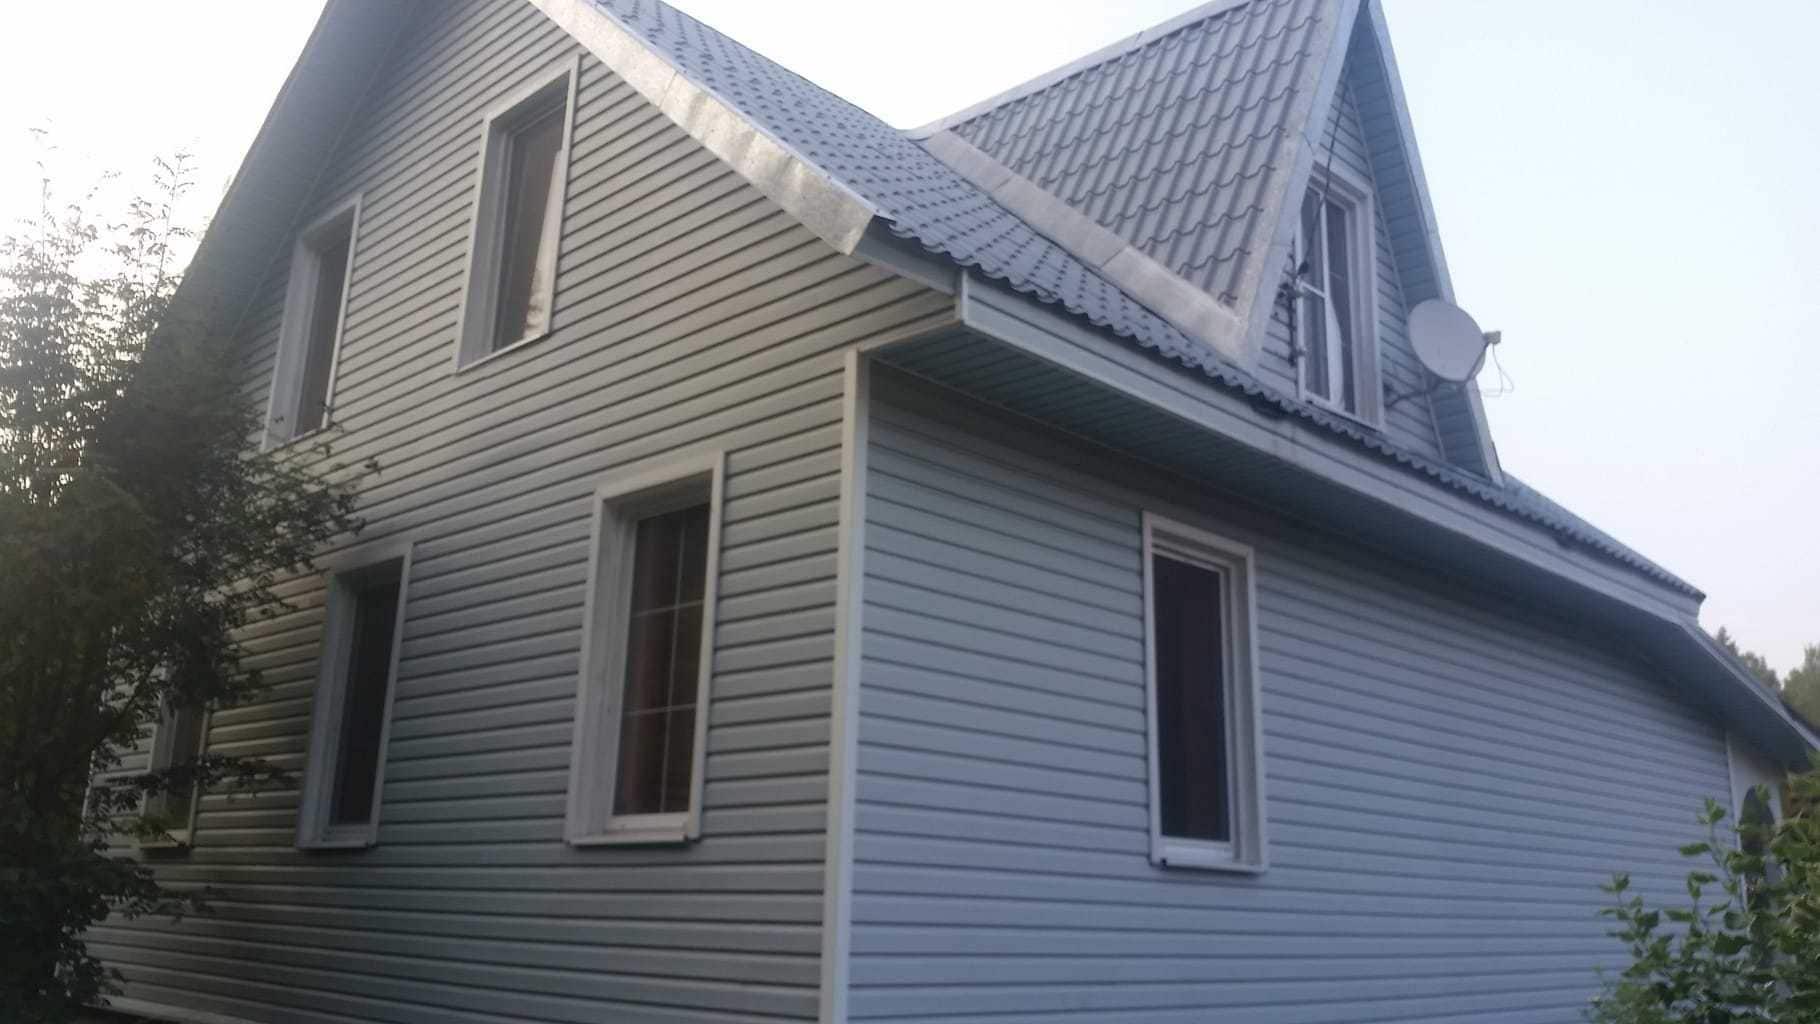 Ремонт дачного дома. Полы, внутренняя отделка, система водоснабжения.